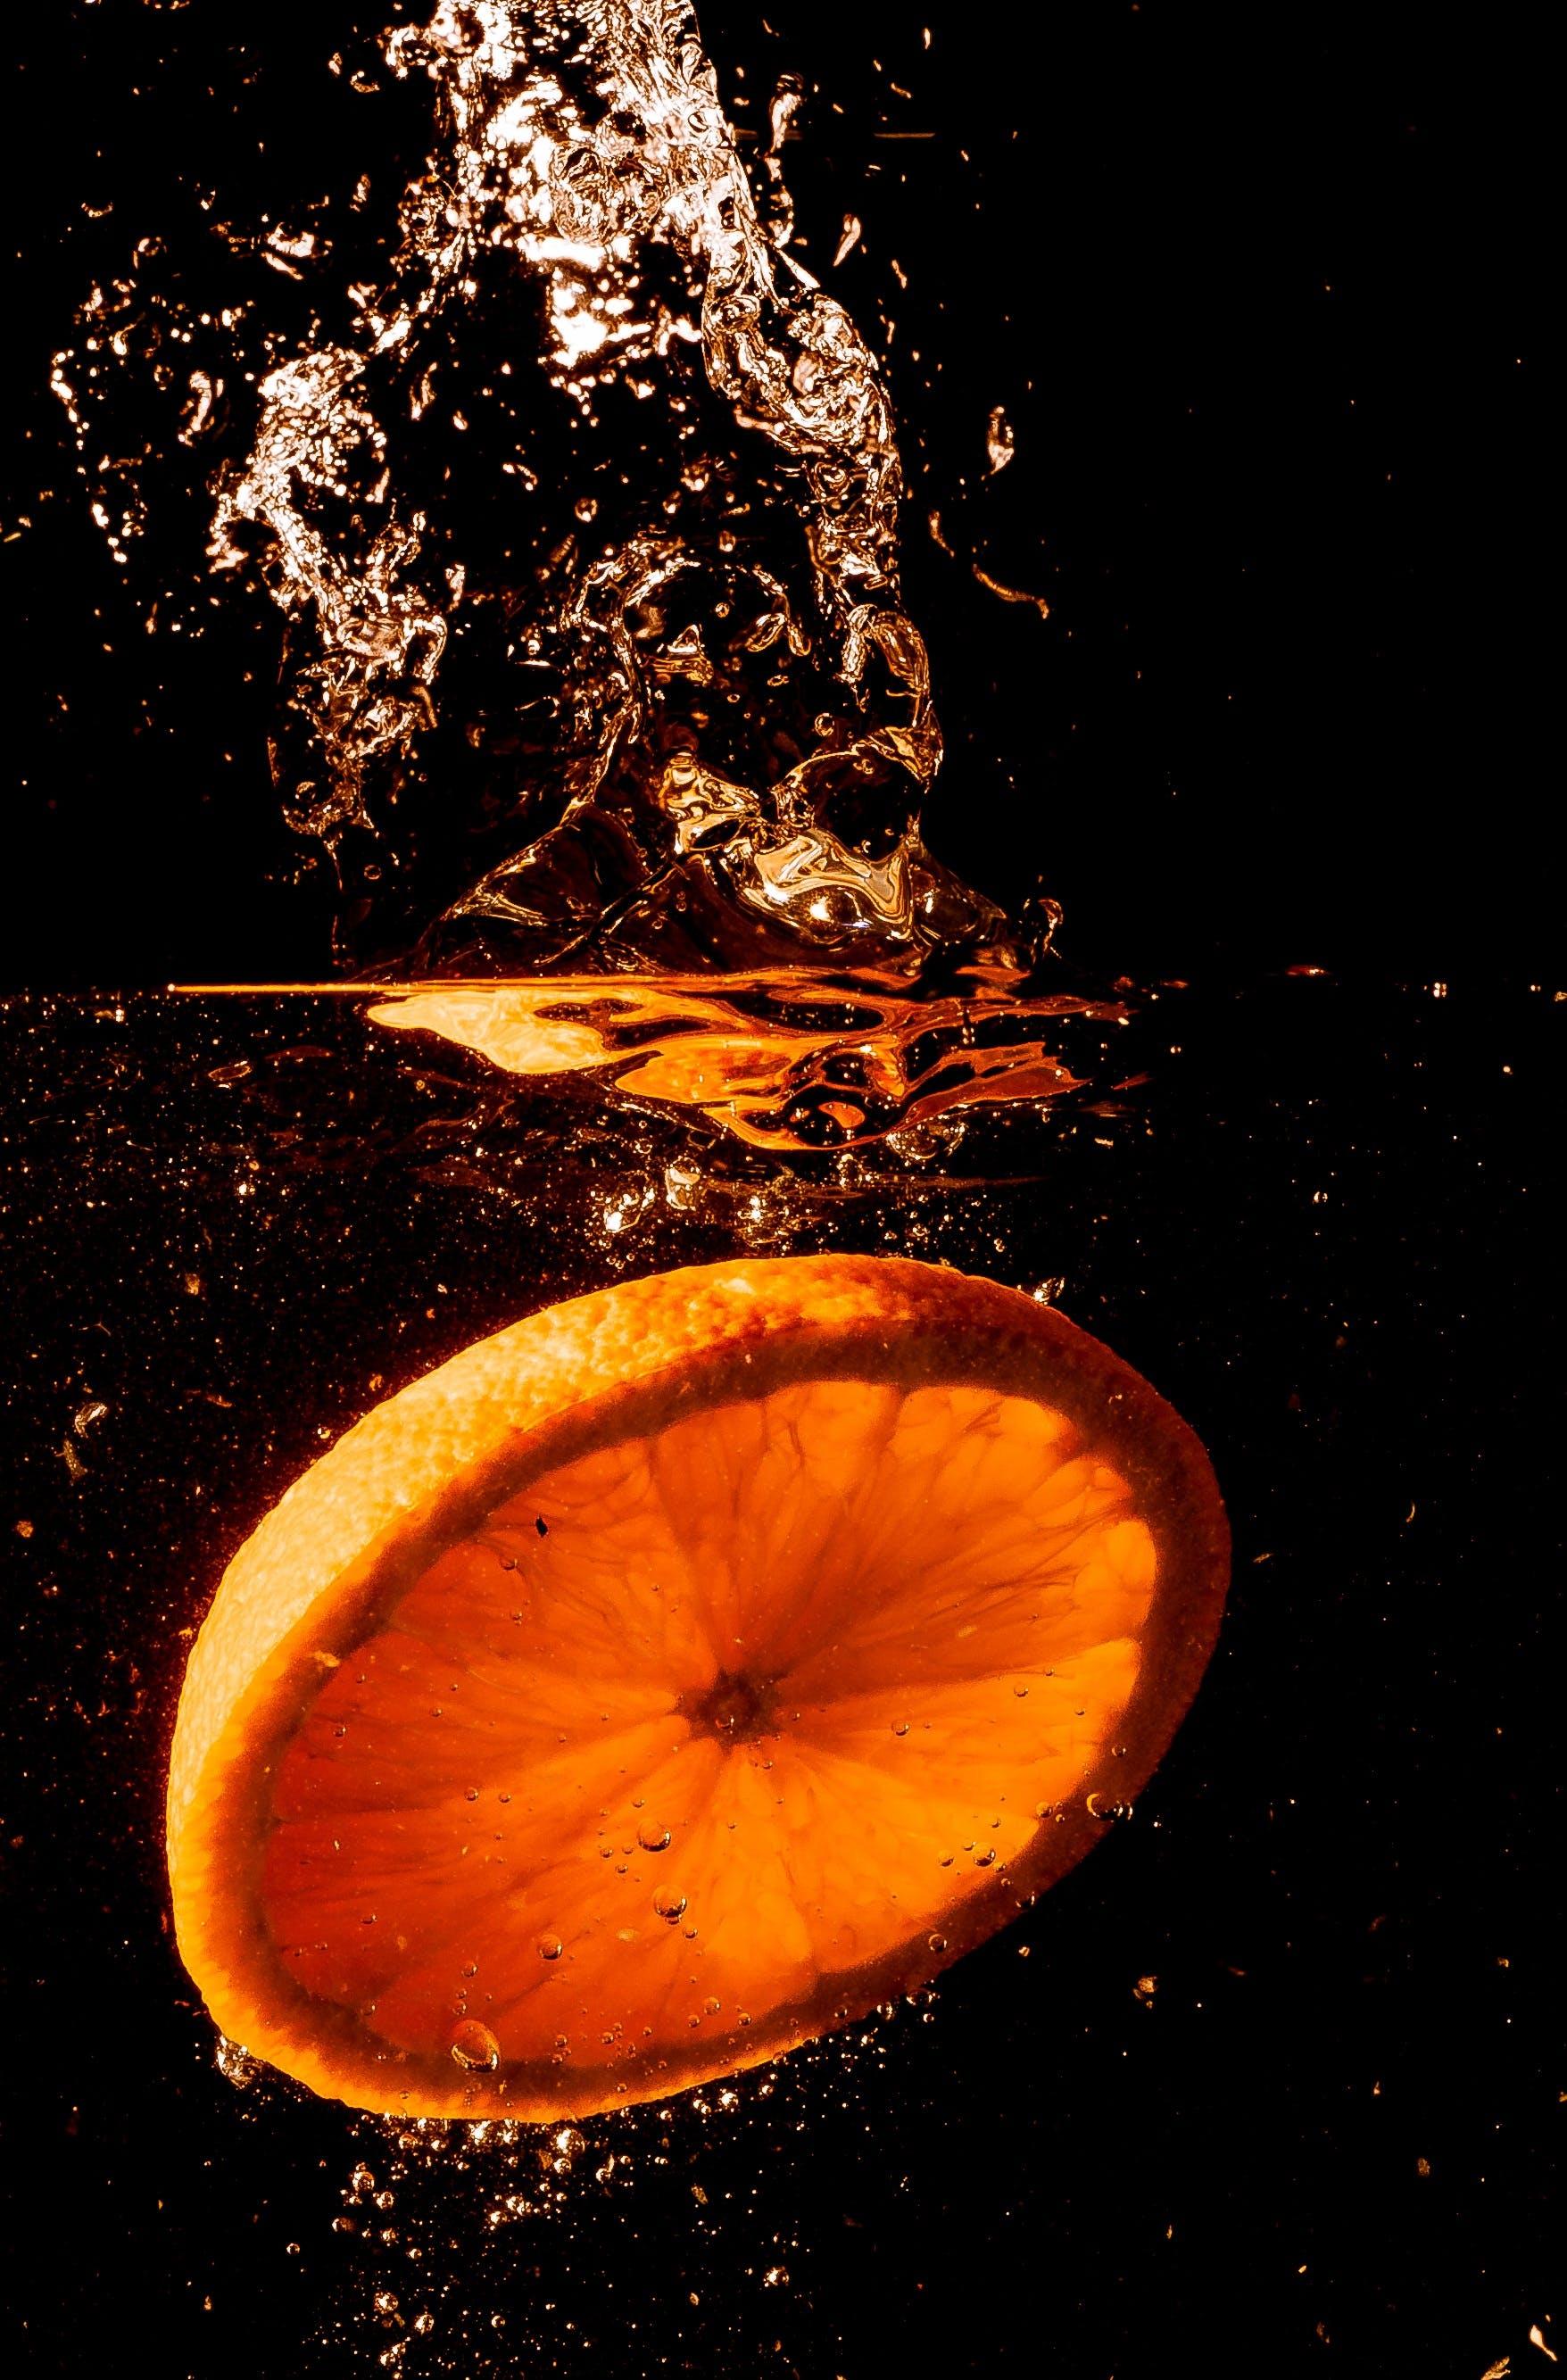 Kostenloses Stock Foto zu essen, flüssig, frucht, getränk